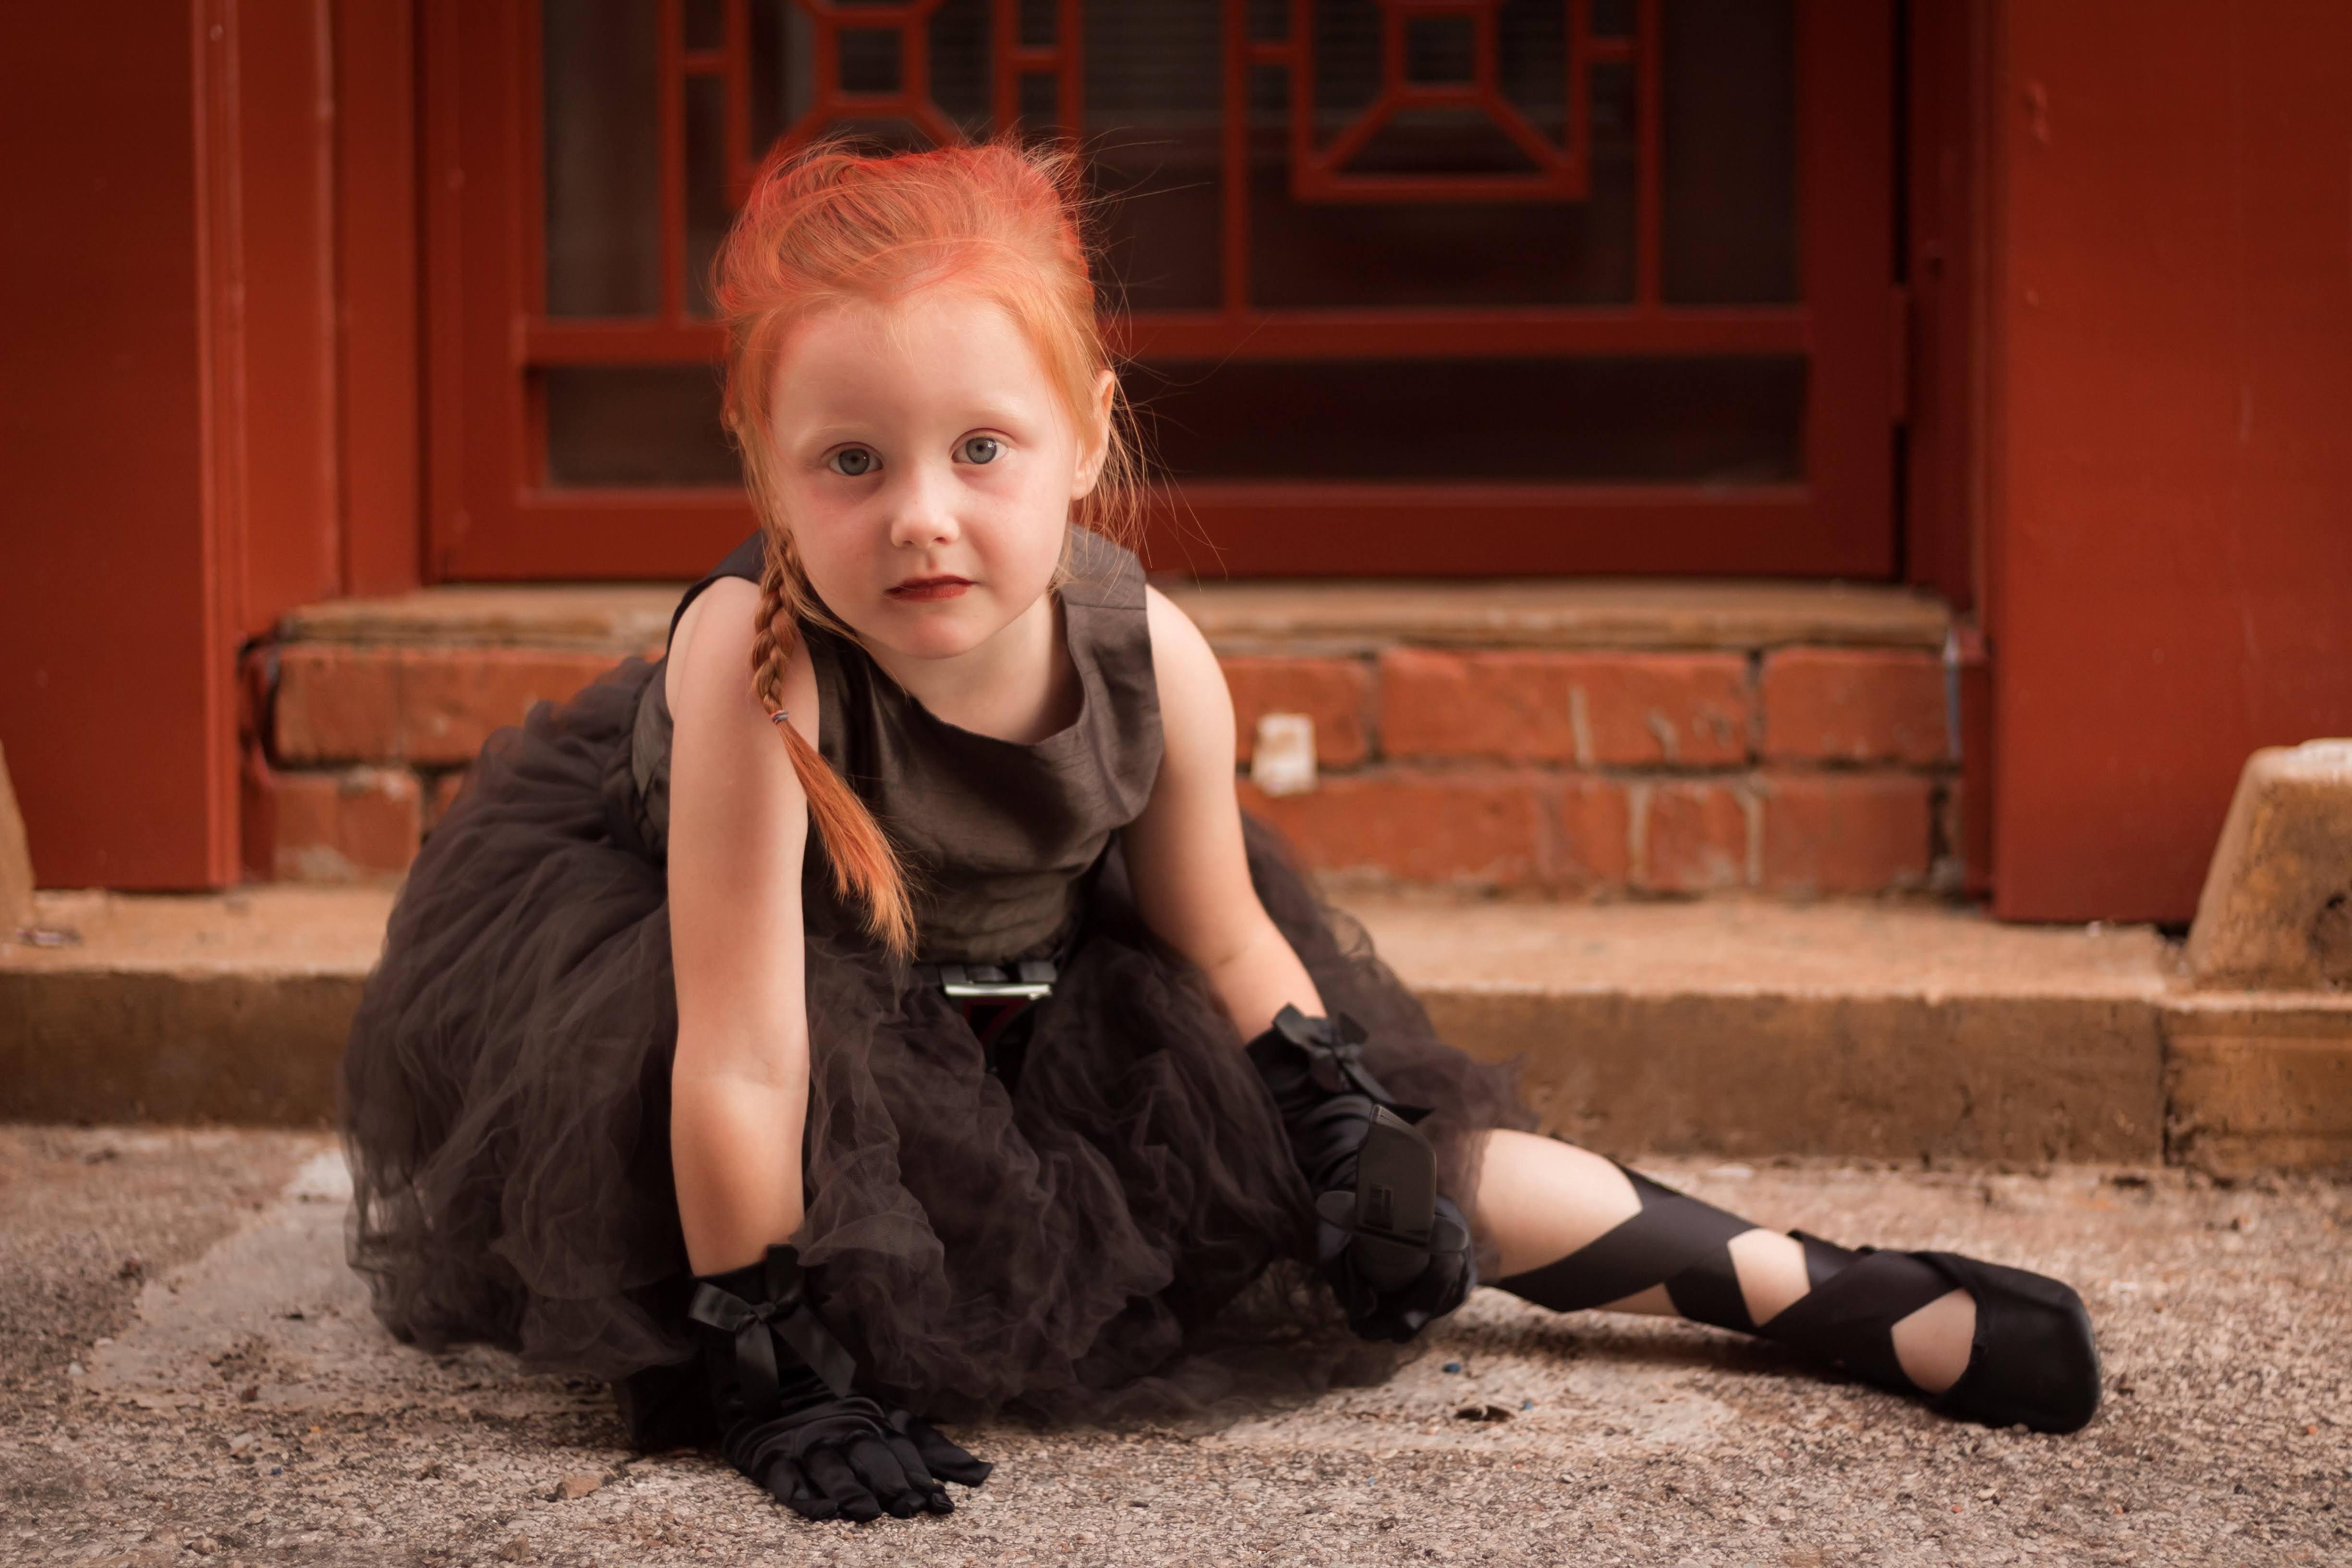 Ballerina Black Widow : 大きくなったら、ブラック・ウィドウになりたい4歳の女の子のナターシャの過去のバレリーナ時代というマーベルなツボを心得たコスプレ ! !